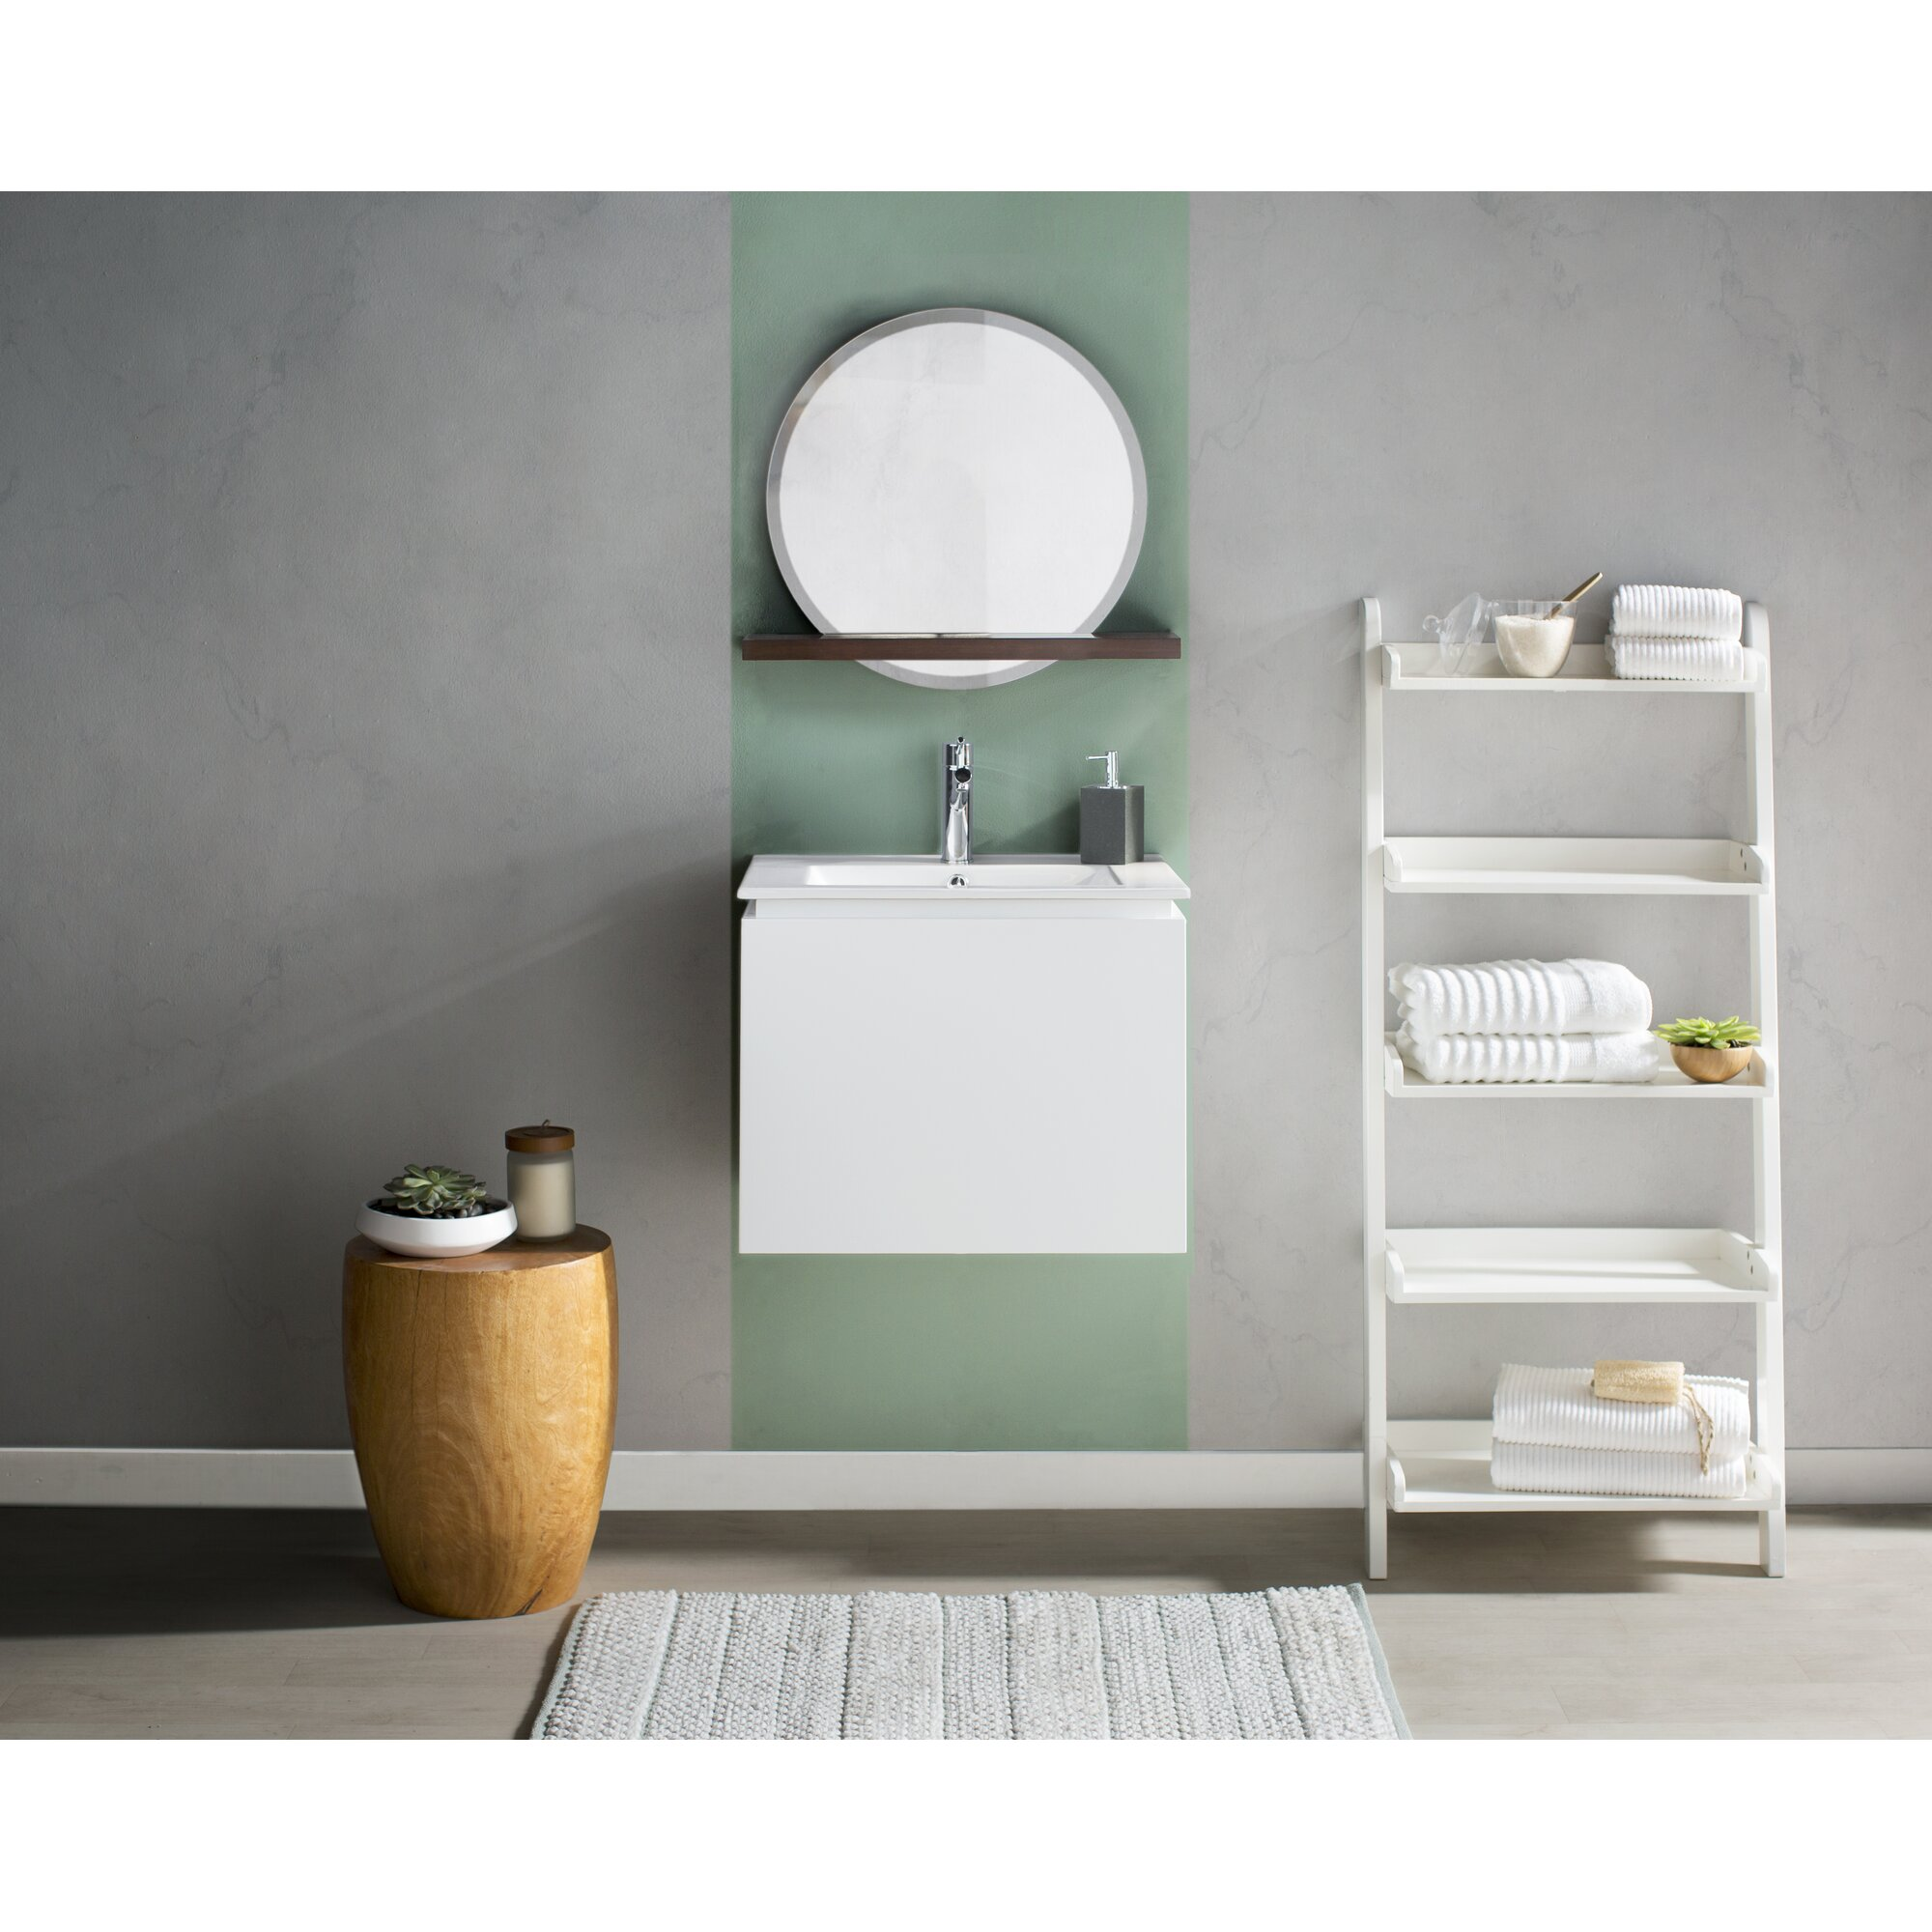 Vigo Dalia Single Lever Basin Bathroom Faucet Amp Reviews